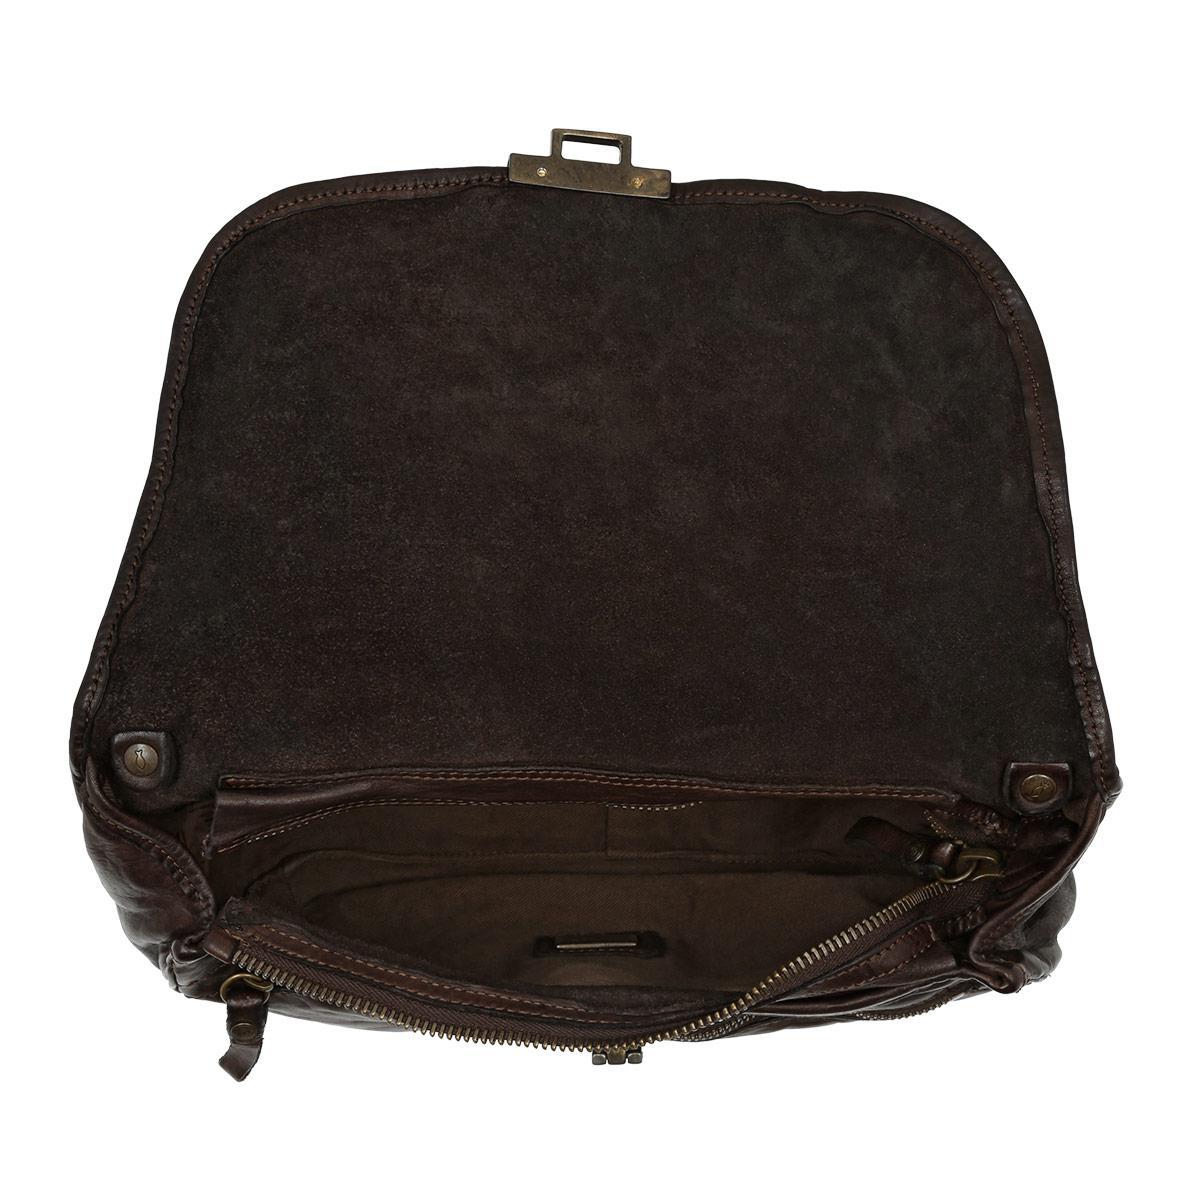 ced7a7b426 Campomaggi Tracolla Grande Vachette Shoulder Bag Moro in Black - Lyst